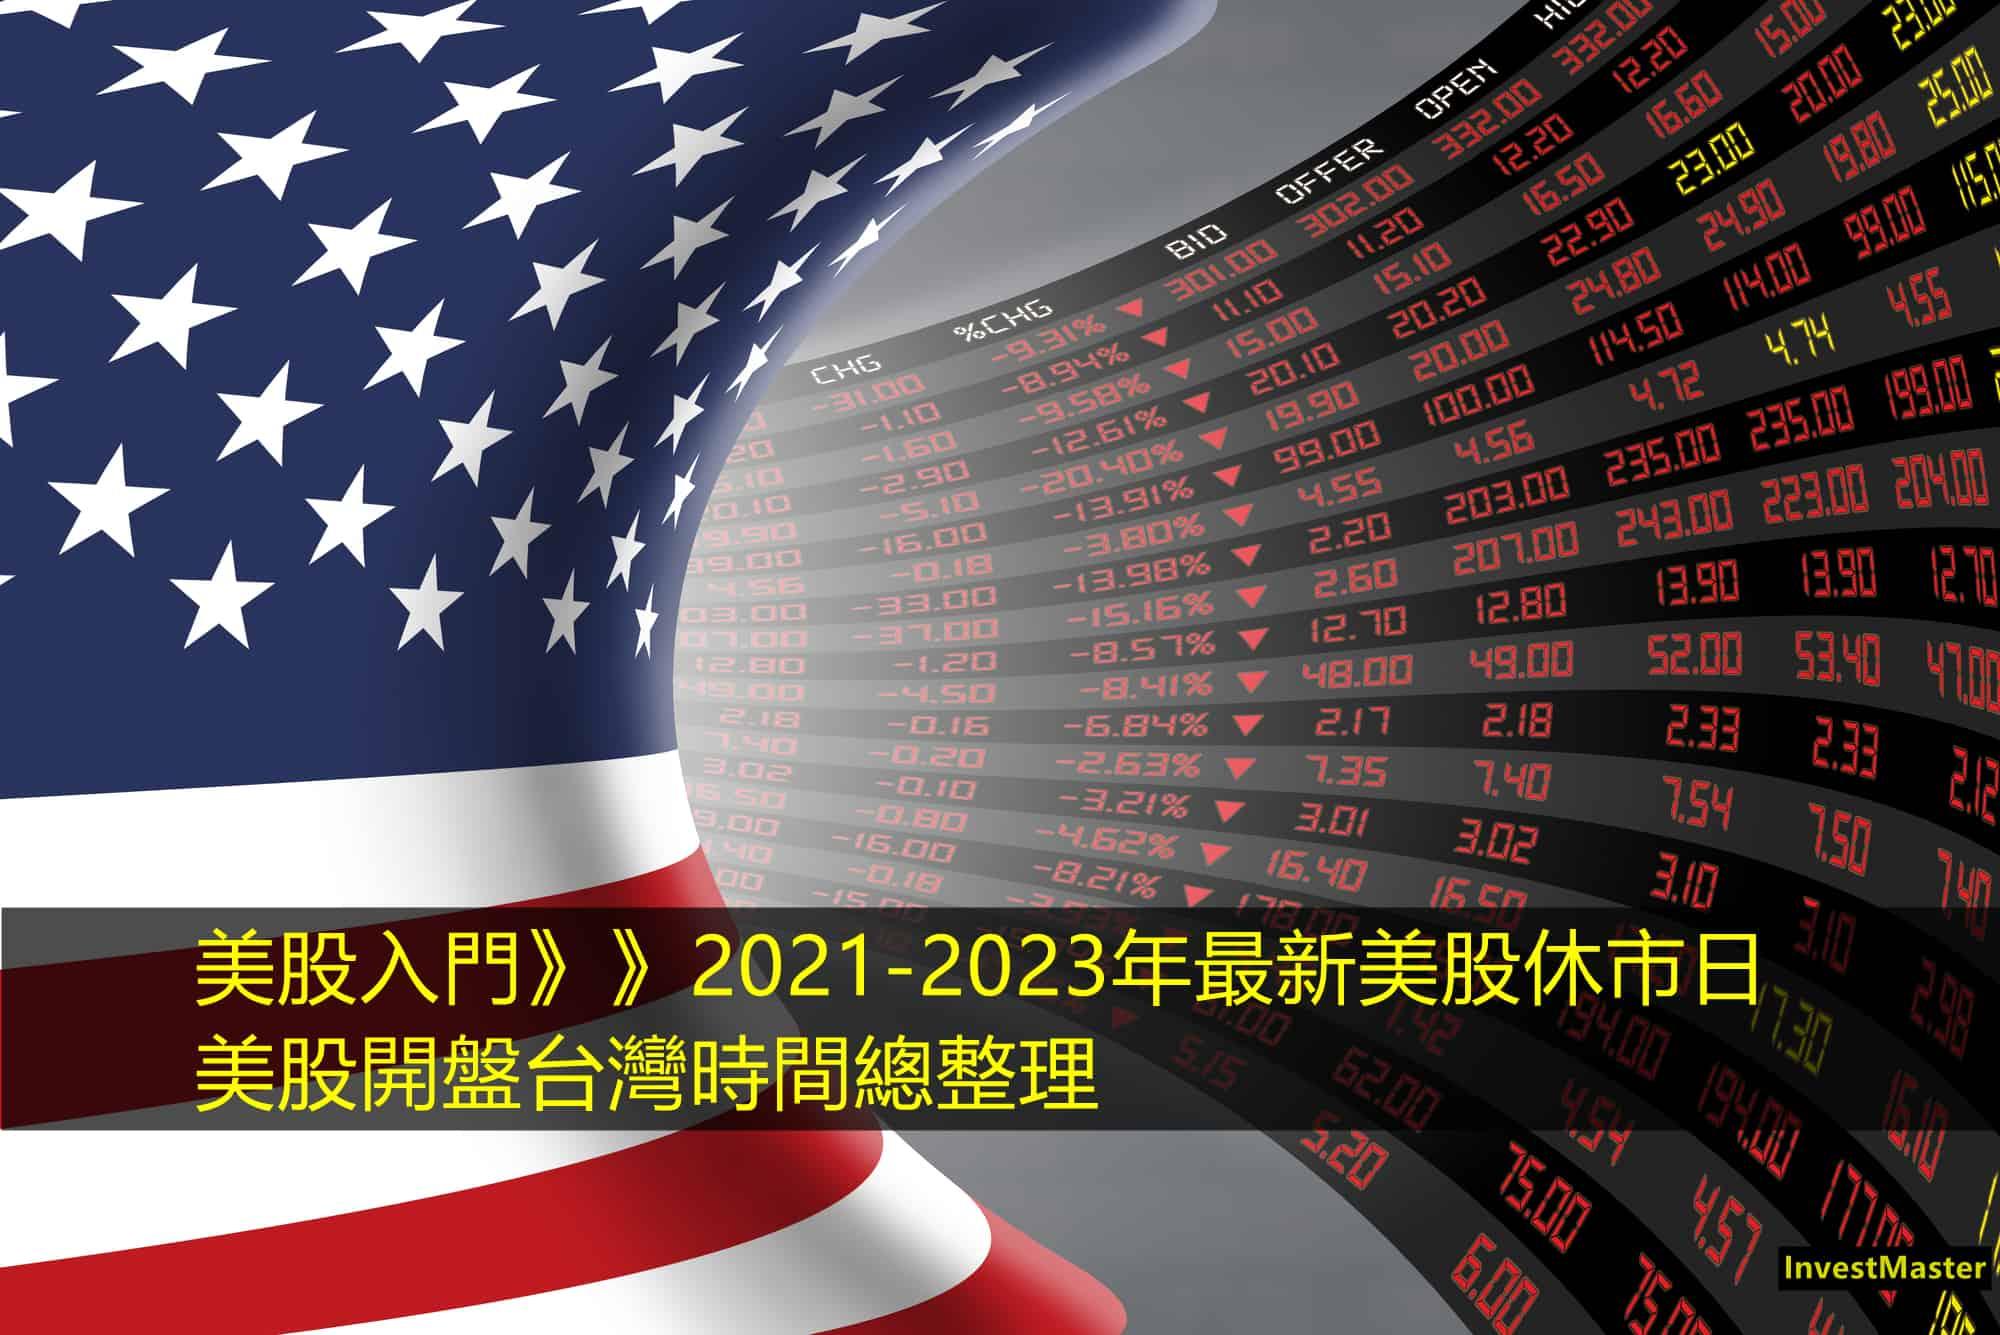 2021年最新美股休市以及開盤時間